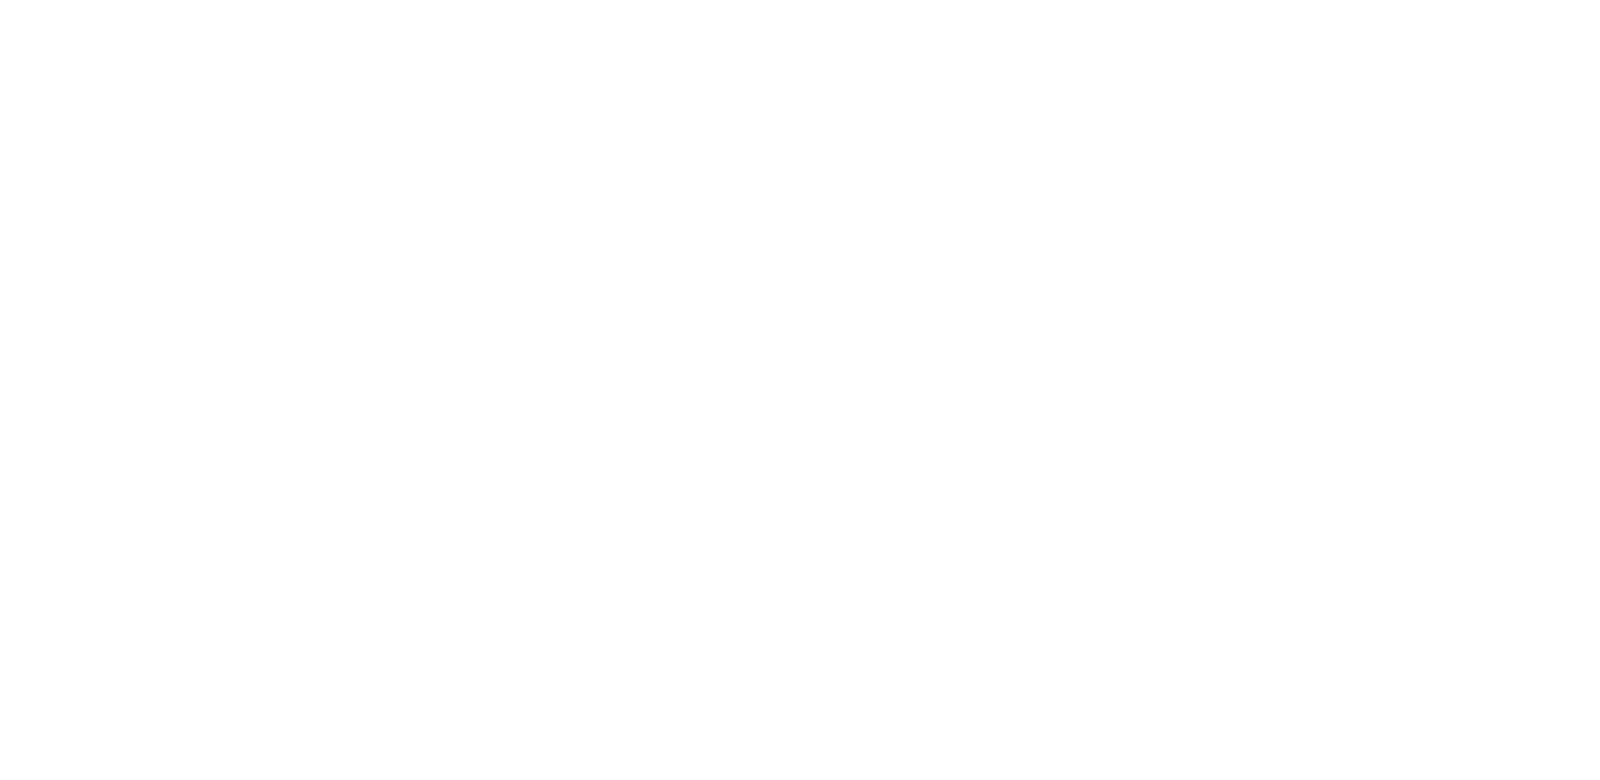 連結手機版 預約到府按摩, 外約按摩, 外出按摩的按鍵圖標